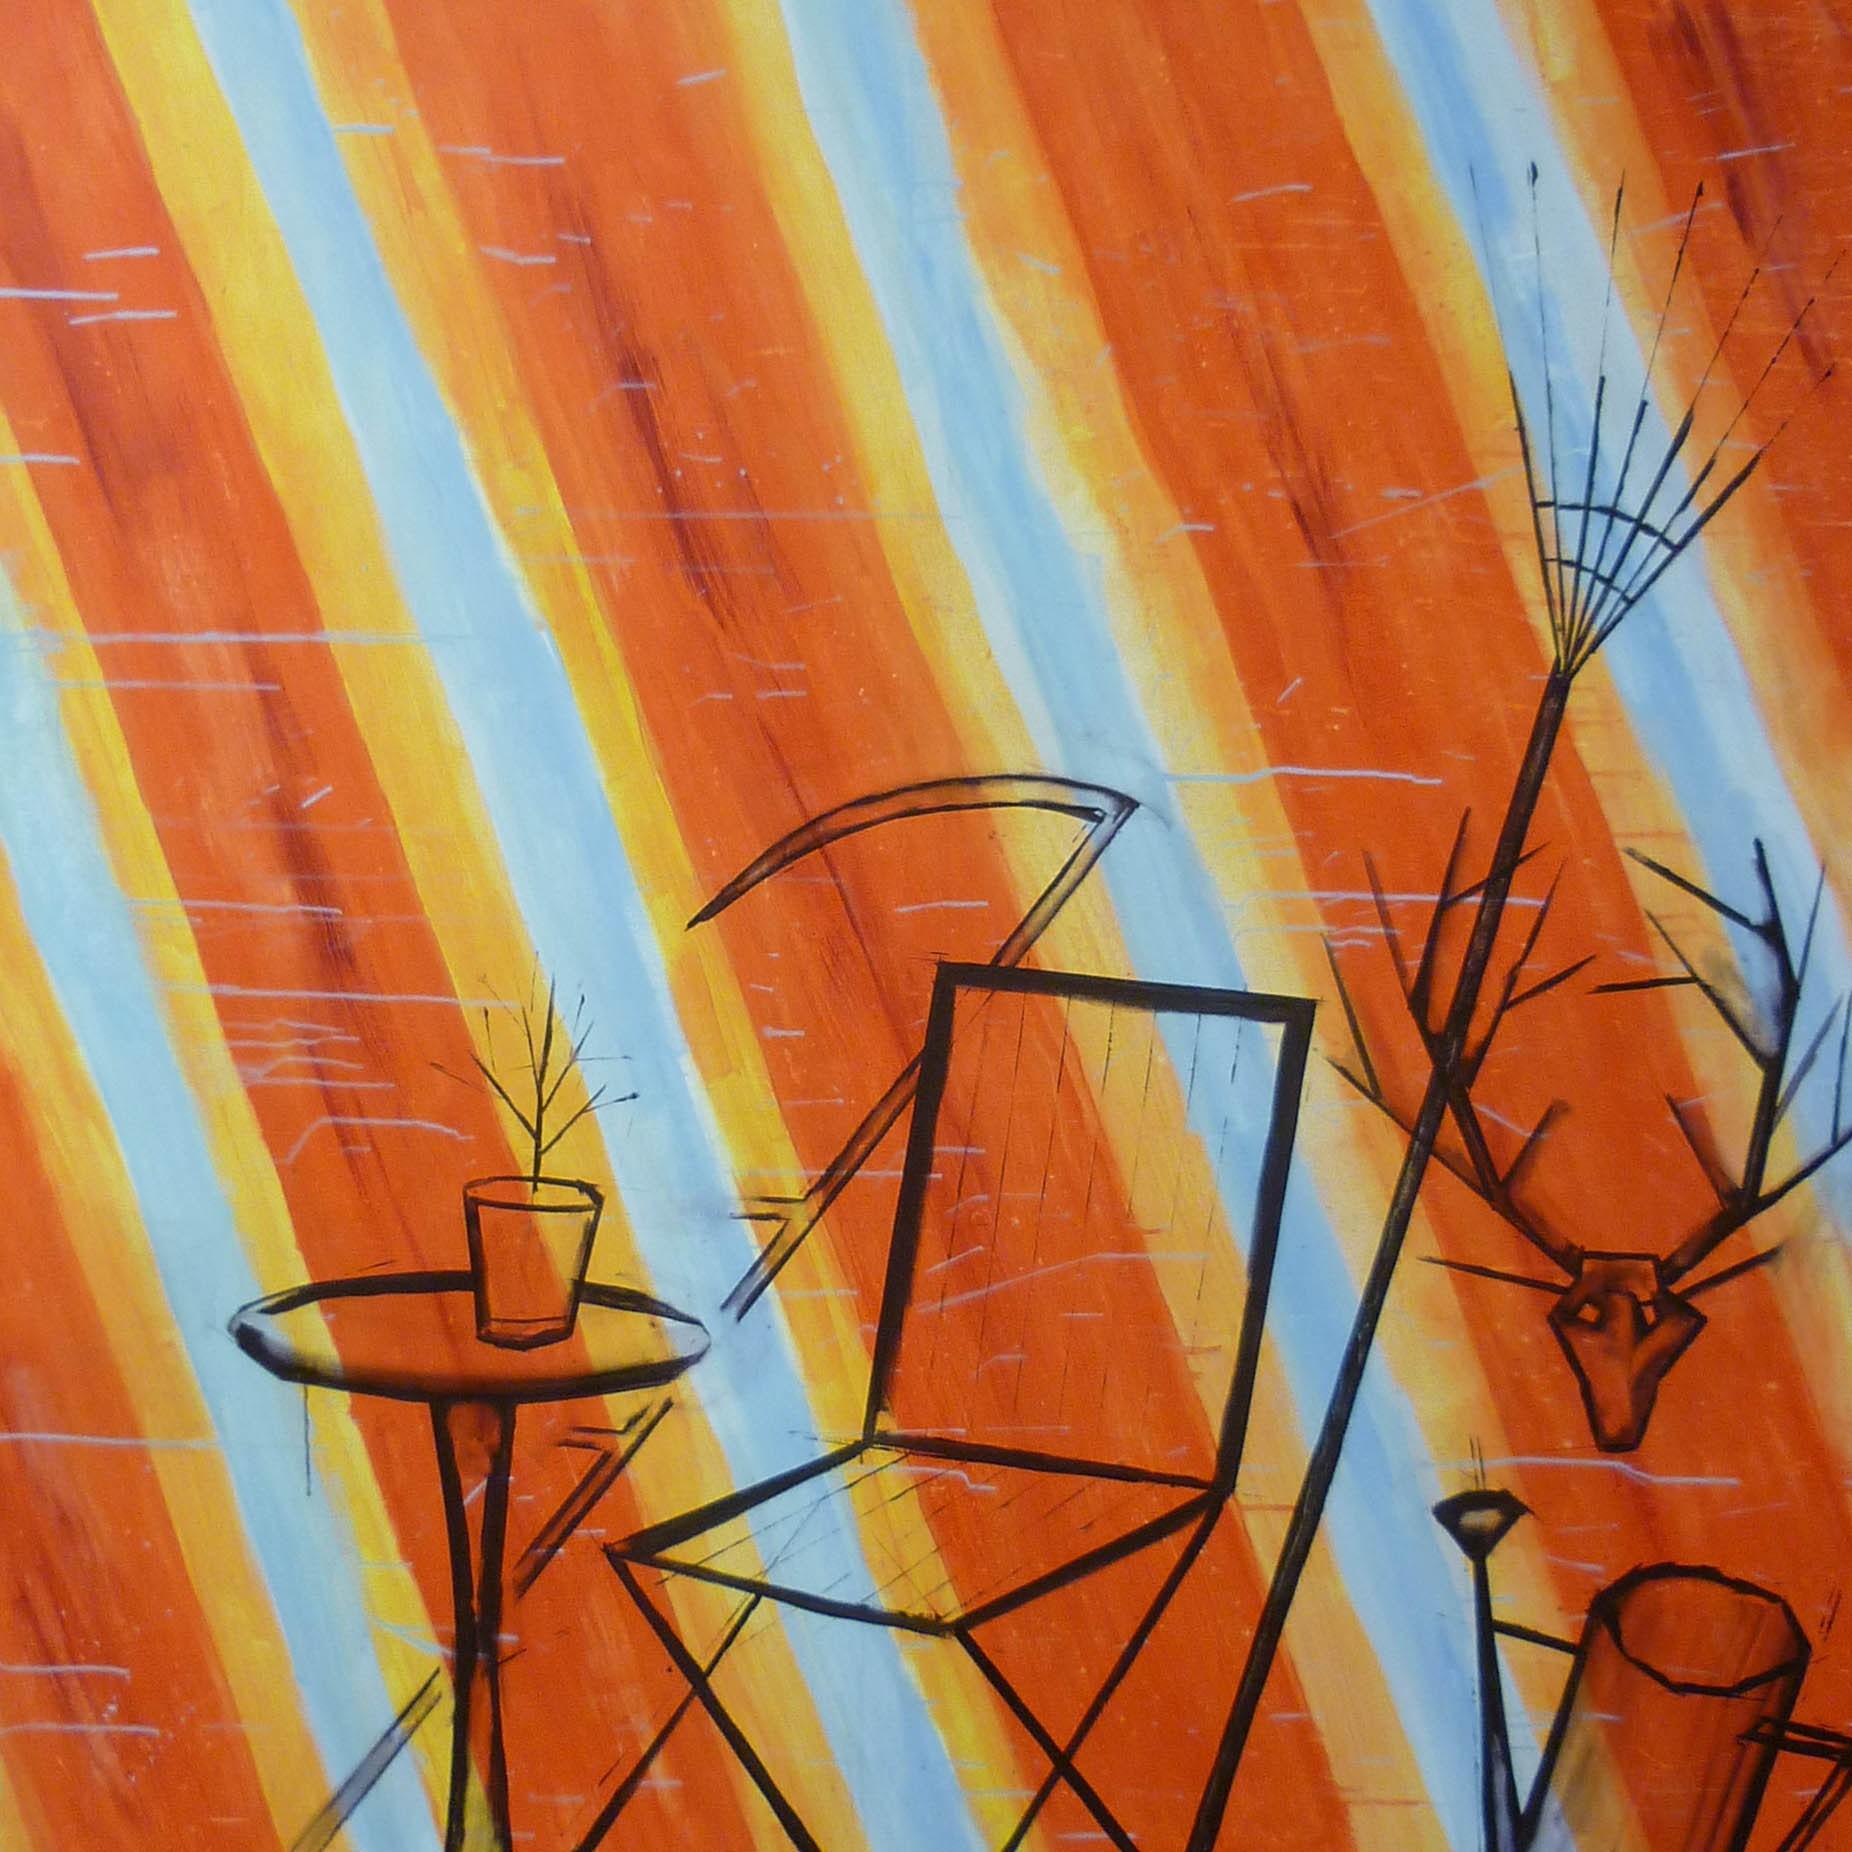 horký skleník / hot greenhouse, akryl na plátně / acrylic on canvas, 190x200 cm, 2012